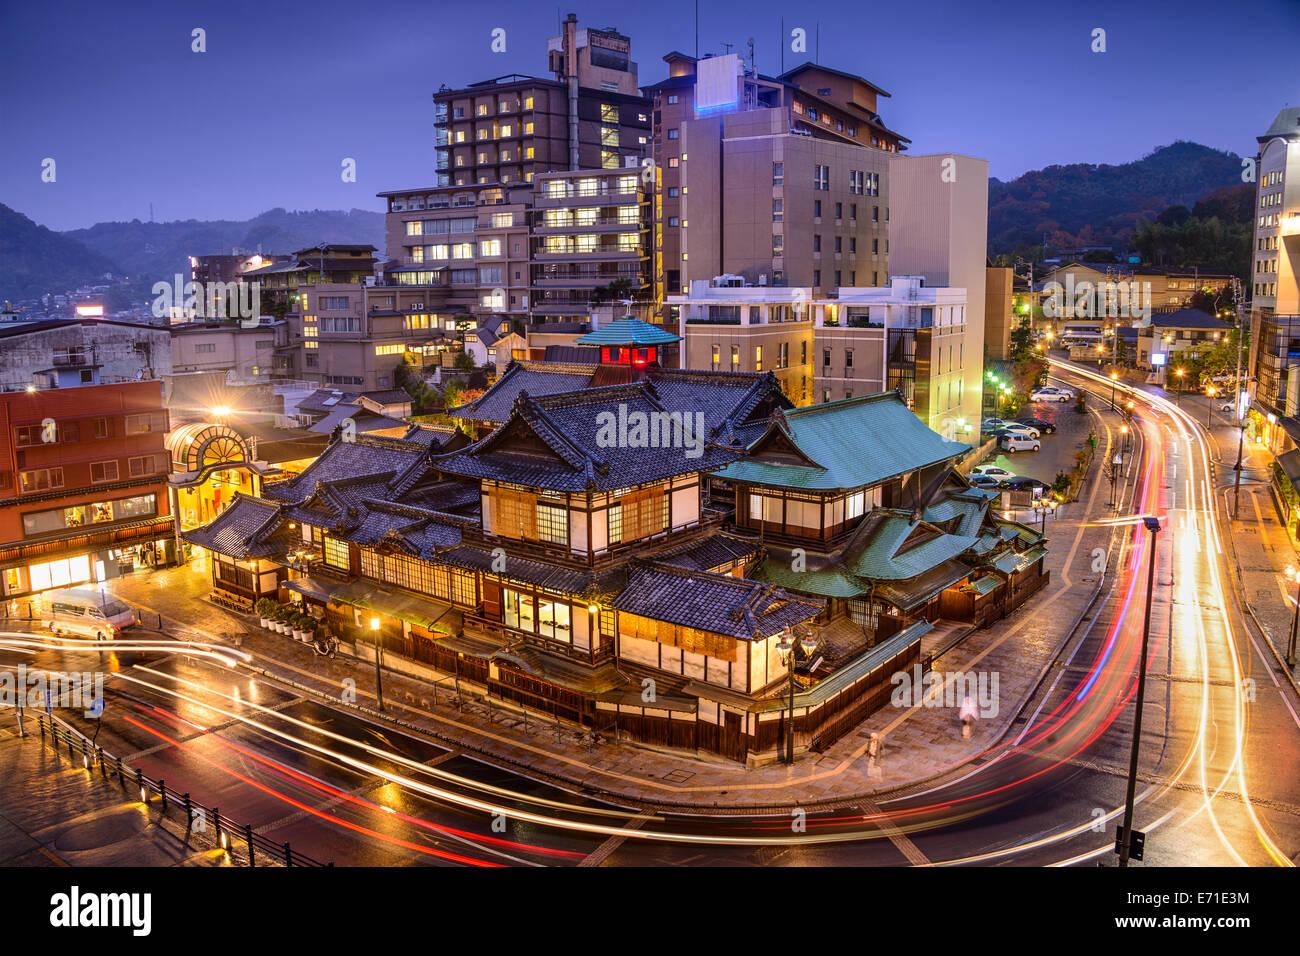 Matsuyama, Giappone skyline del centro a Dogo Onsen bath house. Immagini Stock